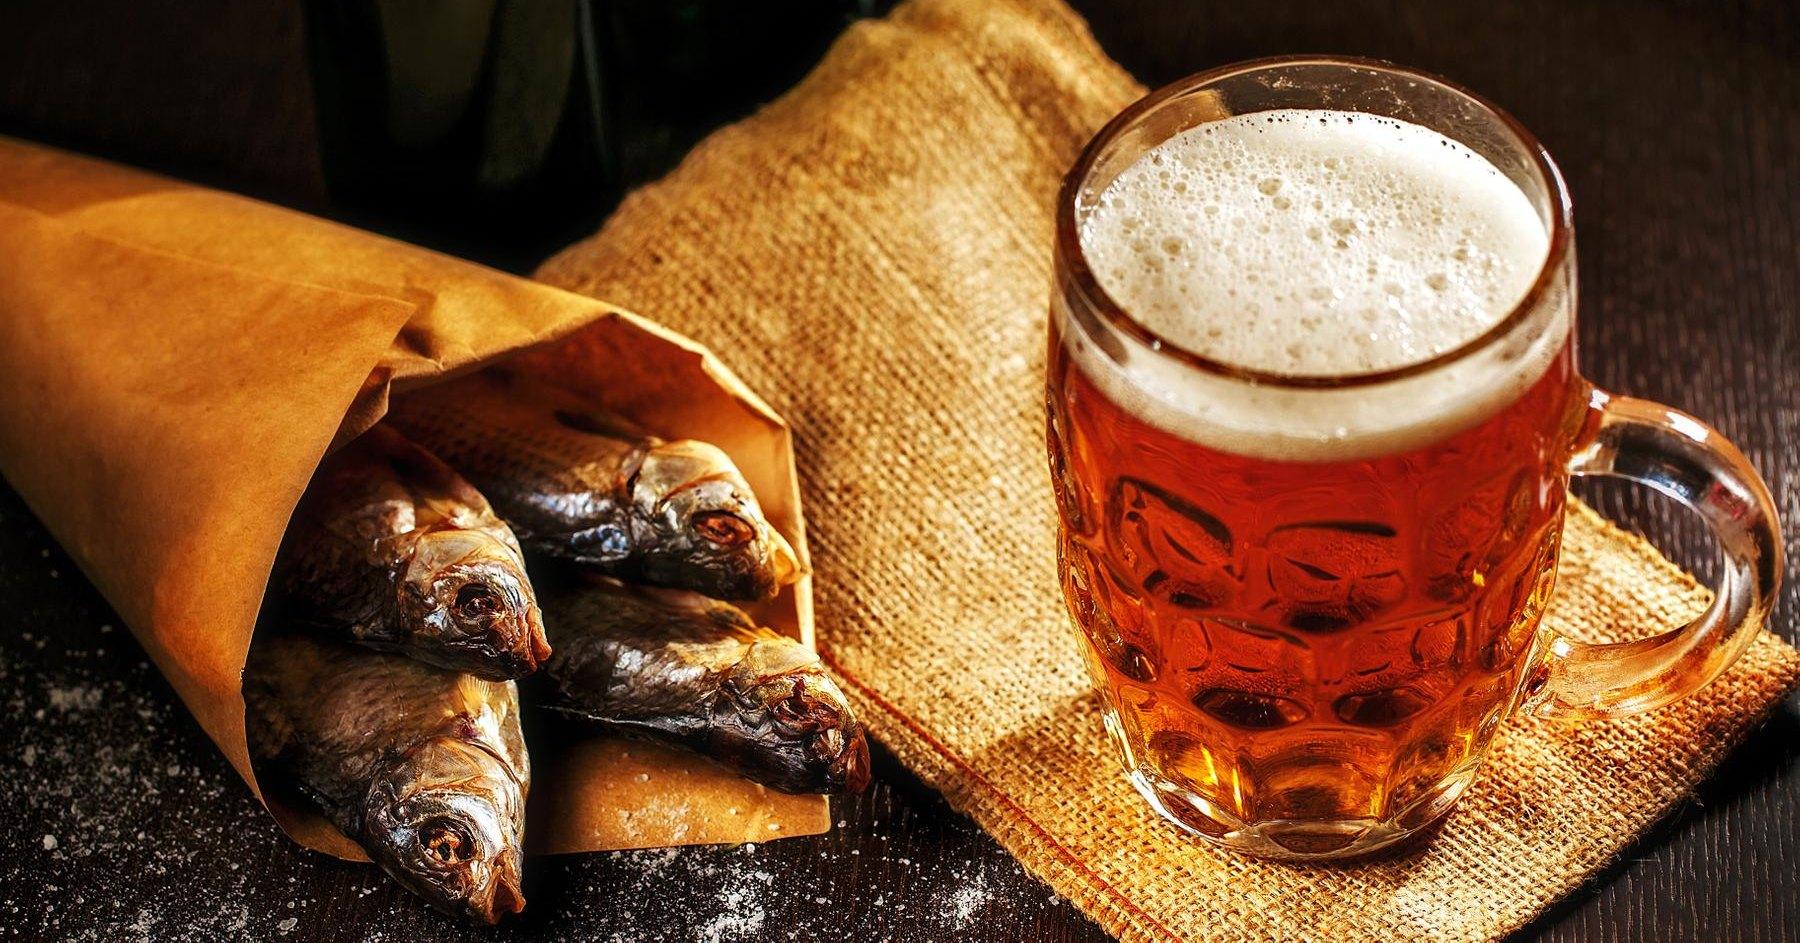 Ученые заставляют дрожжи мутировать, чтобы получить новые сорта пива